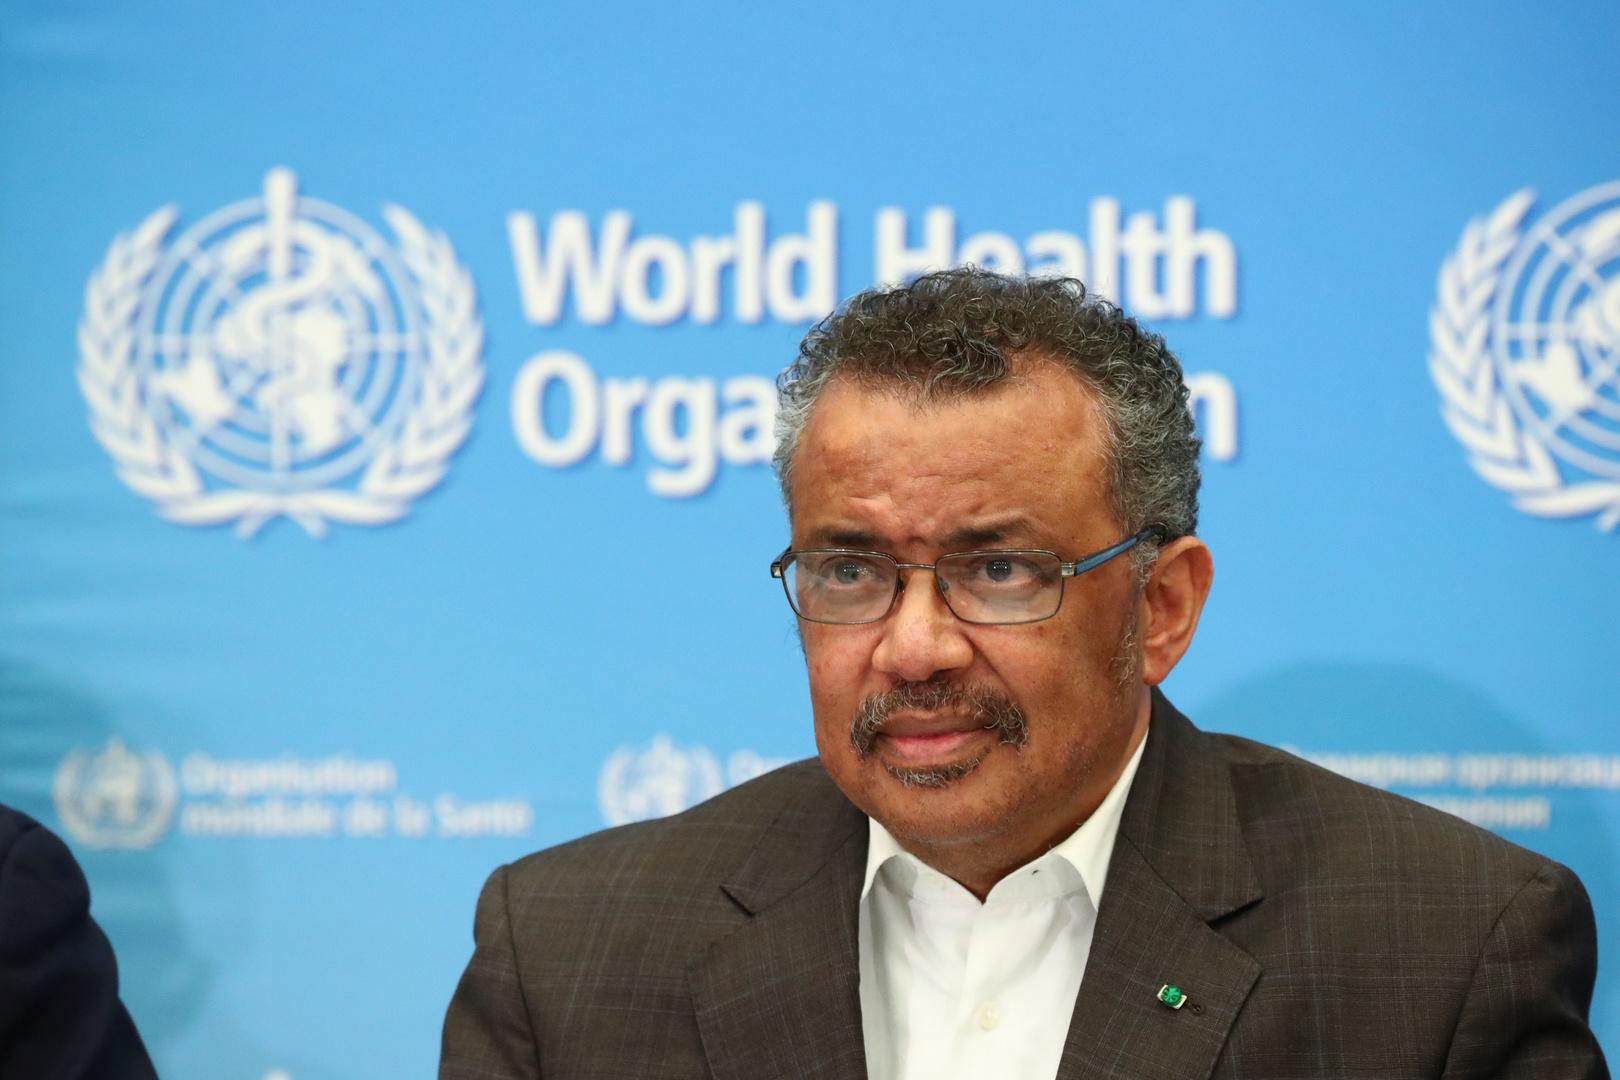 المدير العام للمنظمة العالمية للصحة